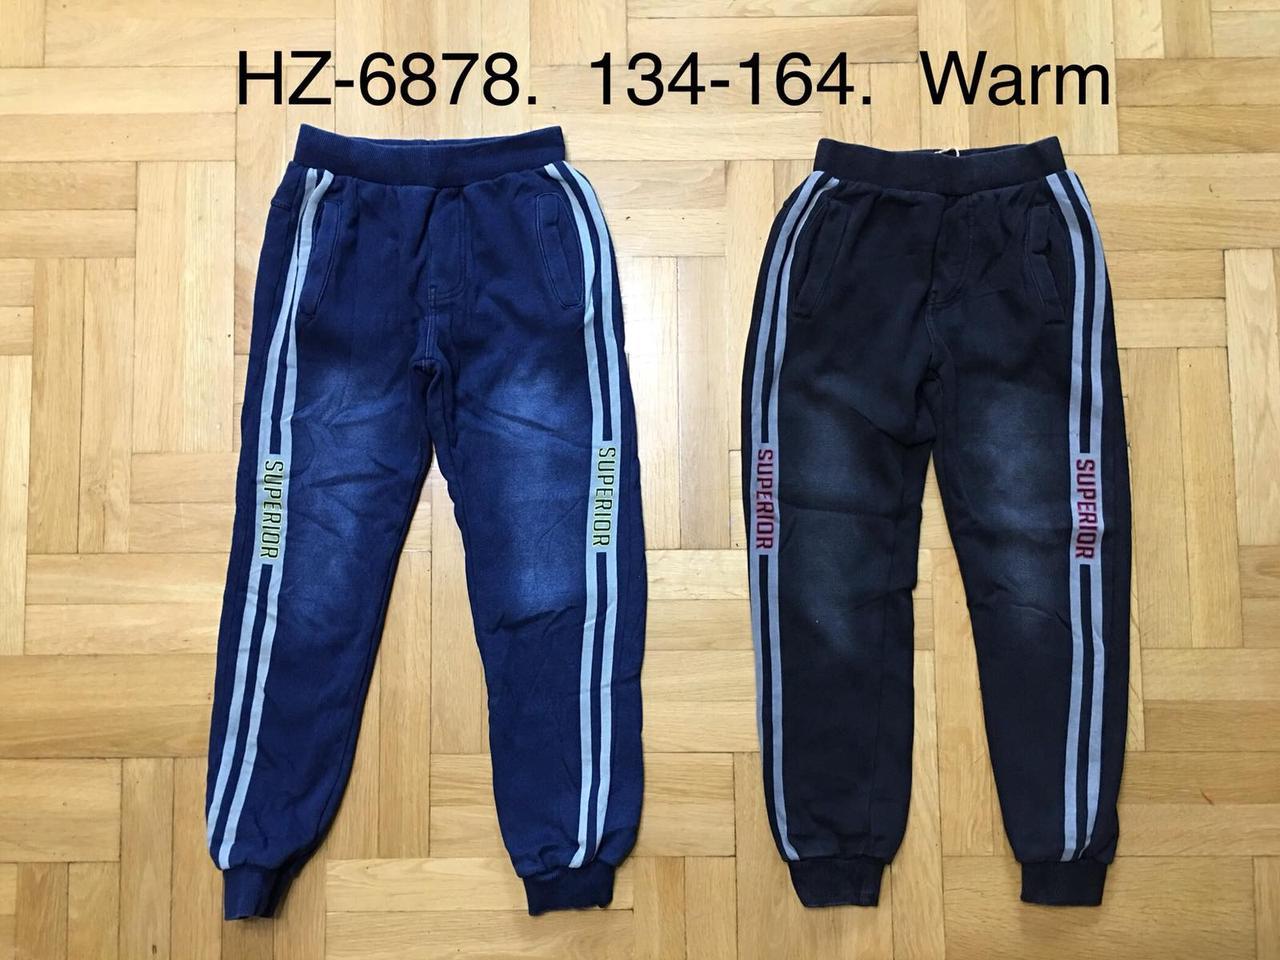 Штаны для мальчиков утепленные оптом,спортивные Active Sport, 95% хлопок, размеры 134-64. арт. HZ-6878, фото 1